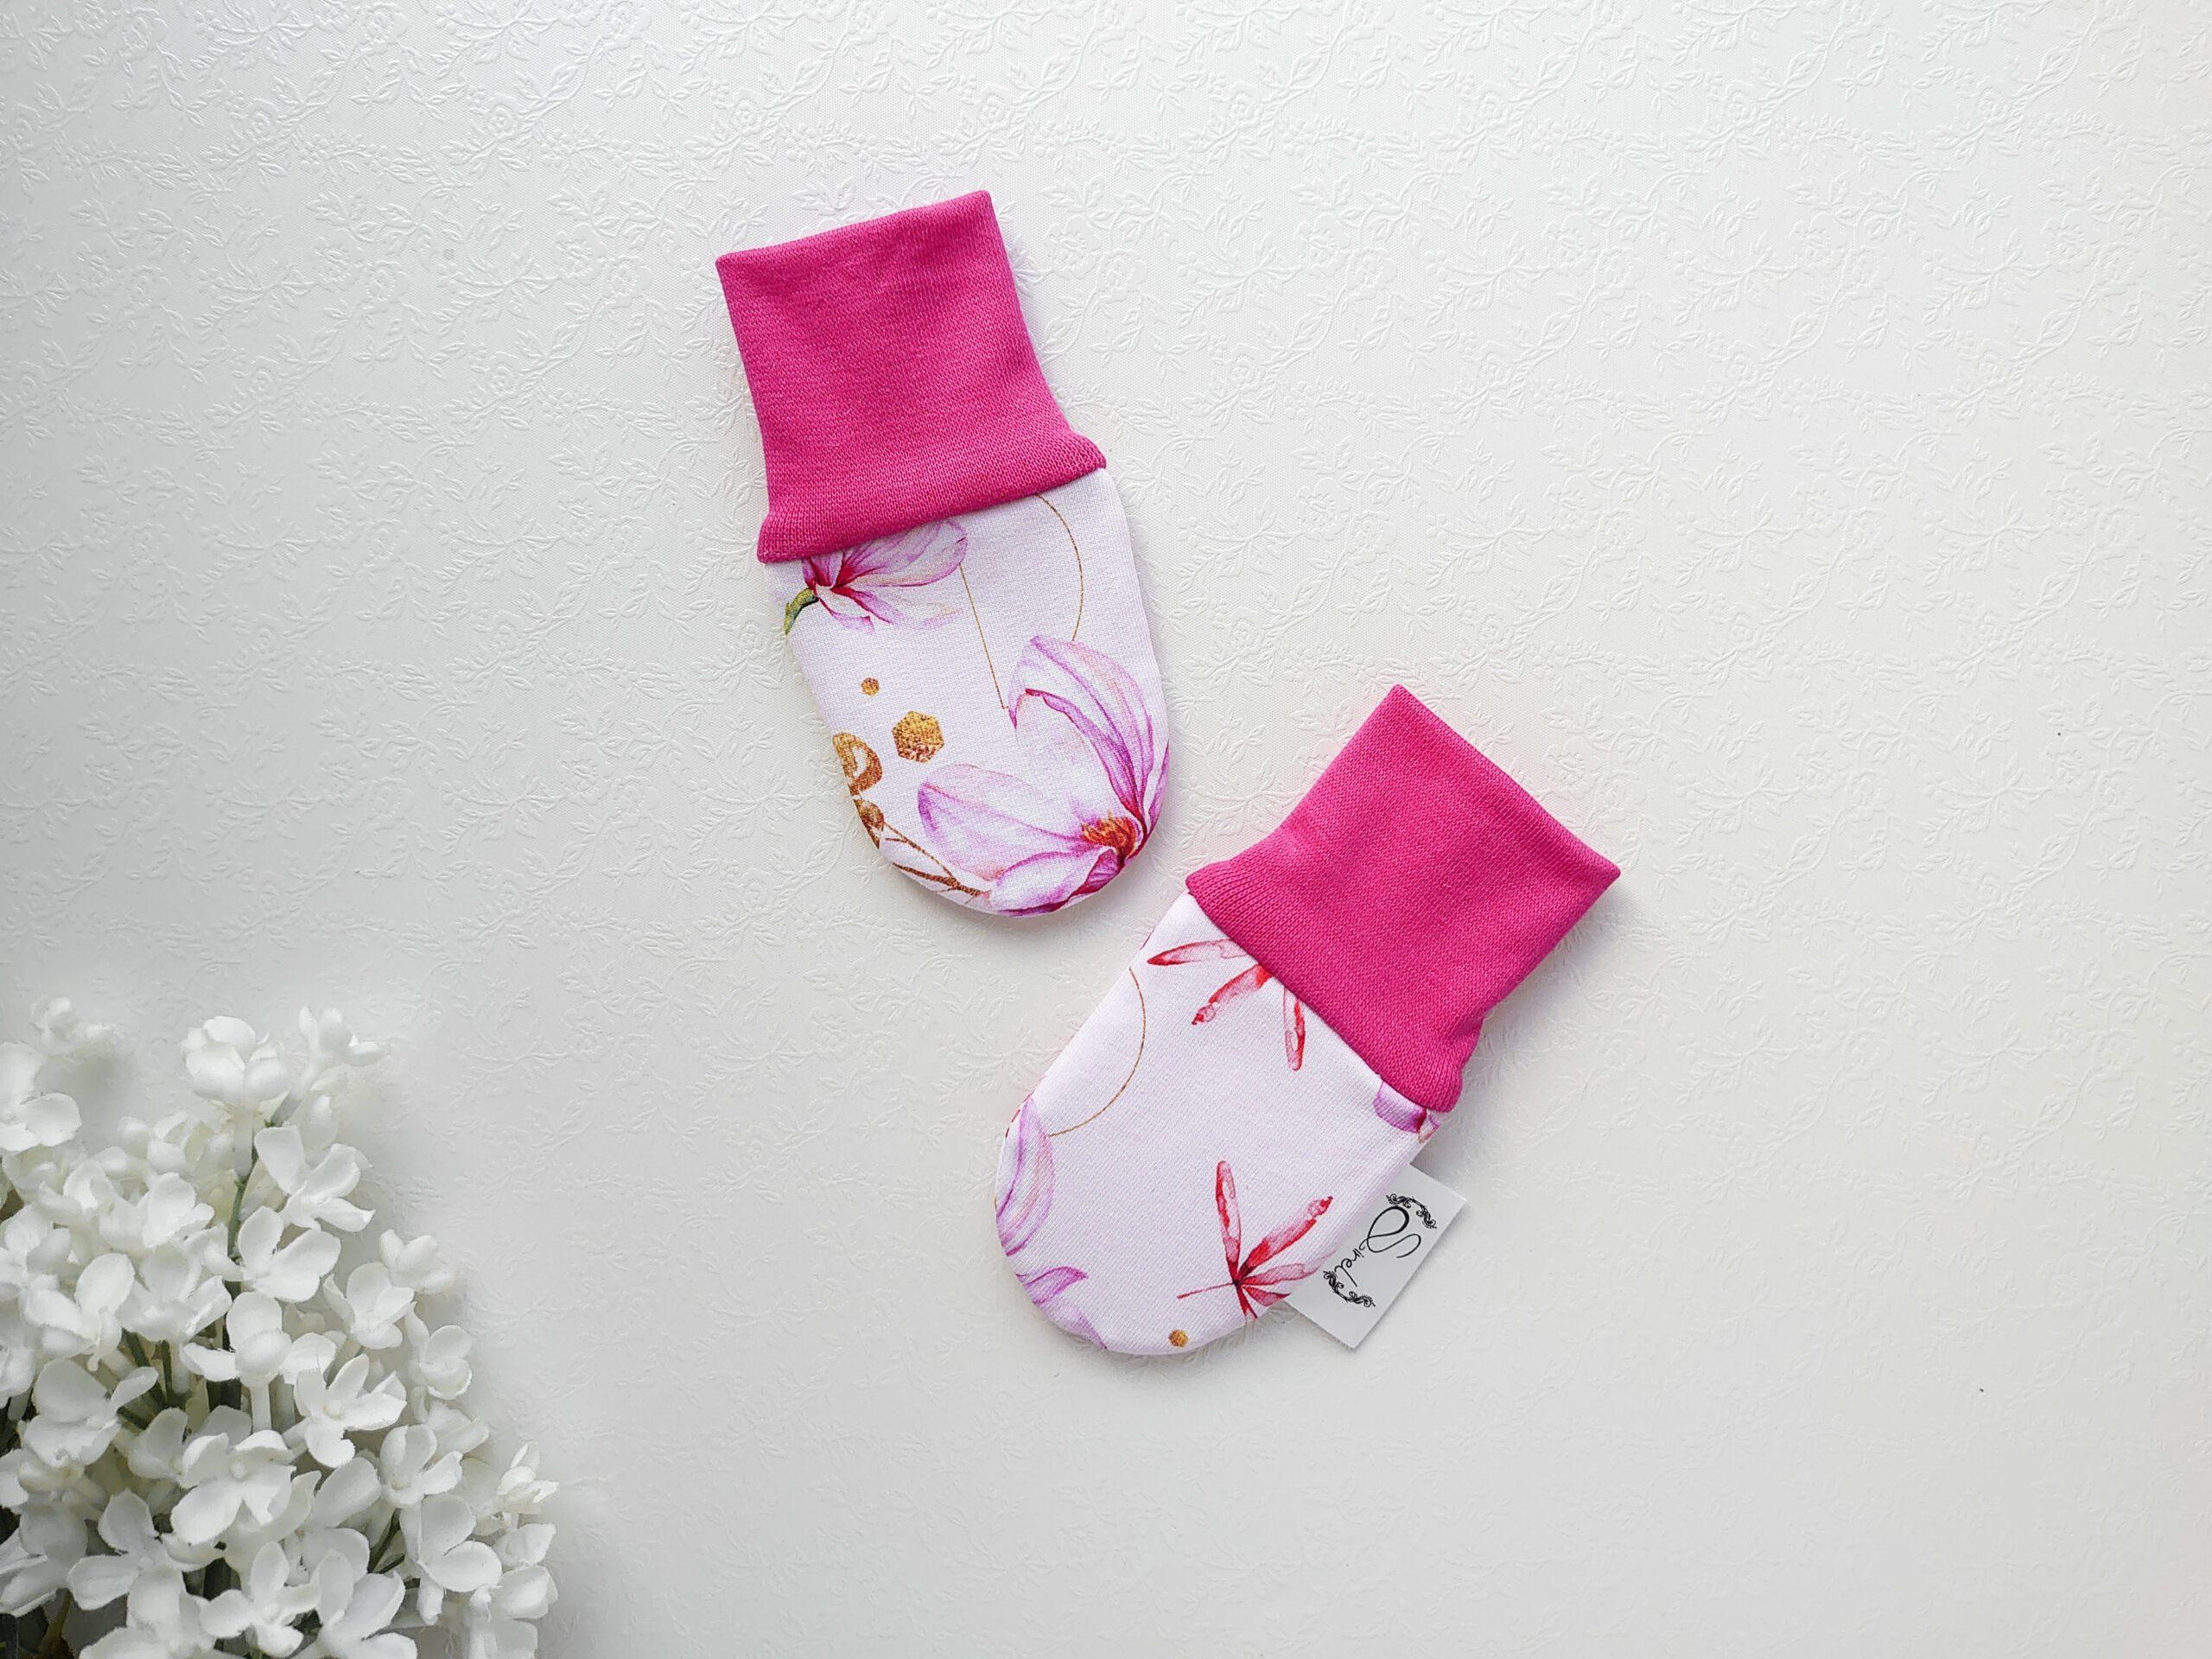 Fuksiaroosa-ja-roosa-tüdrukute-beebikindad-puuvillased-kahekordsed-kevadkindad-sügiskindad-beebitüdrukule